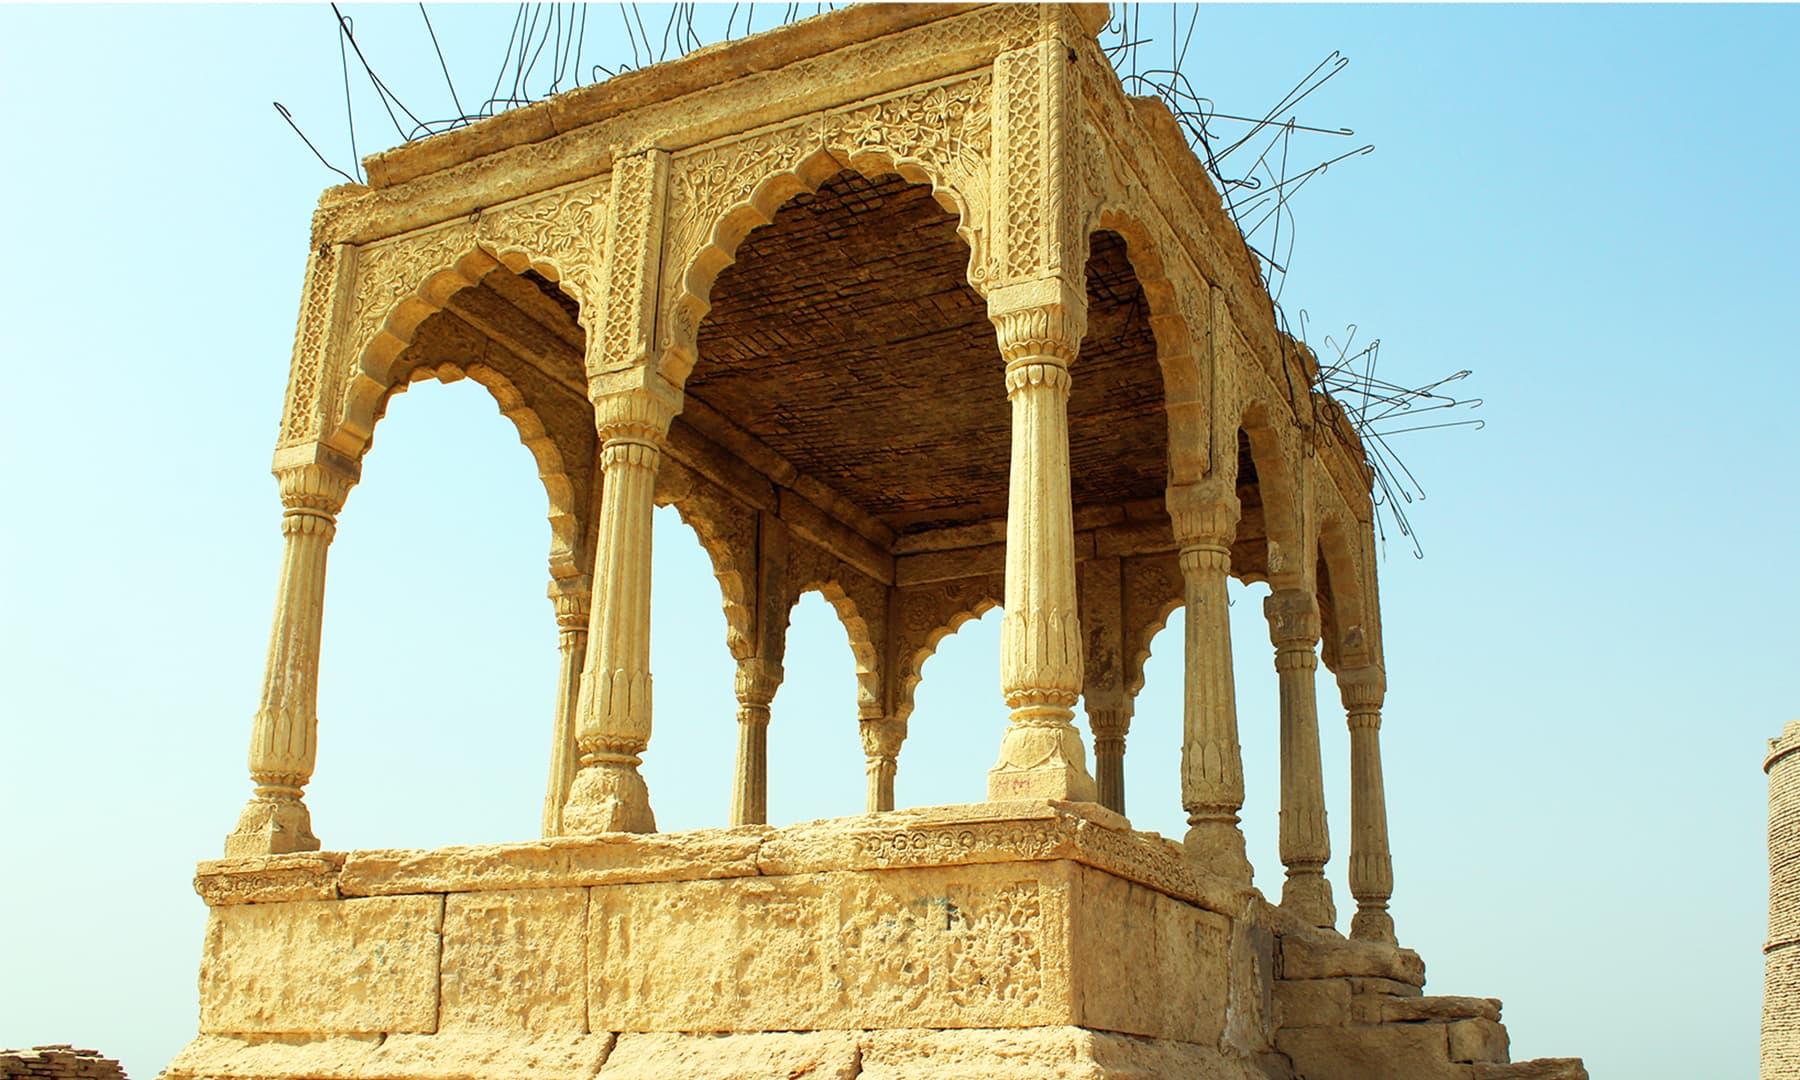 تخت گاہ، قلعہ کوٹ ڈجی — تصویر اختر حفیظ